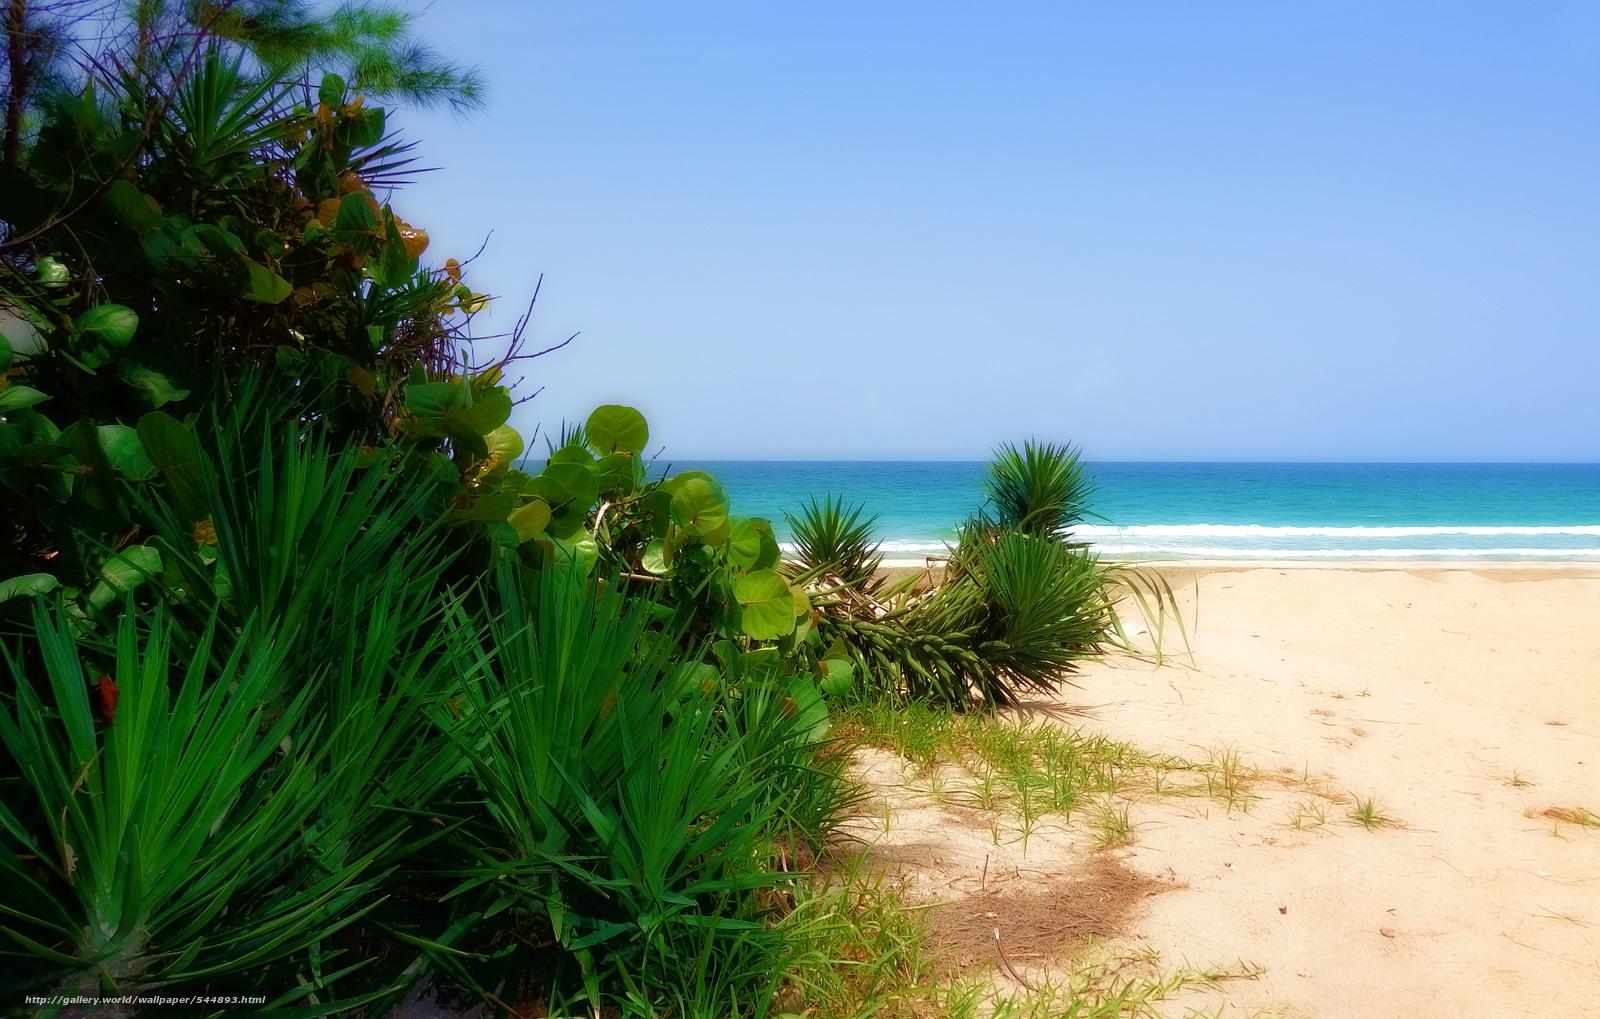 下载壁纸 佛罗里达,  大西洋,  景观 免费为您的桌面分辨率的壁纸 4348x2770 — 图片 №544893